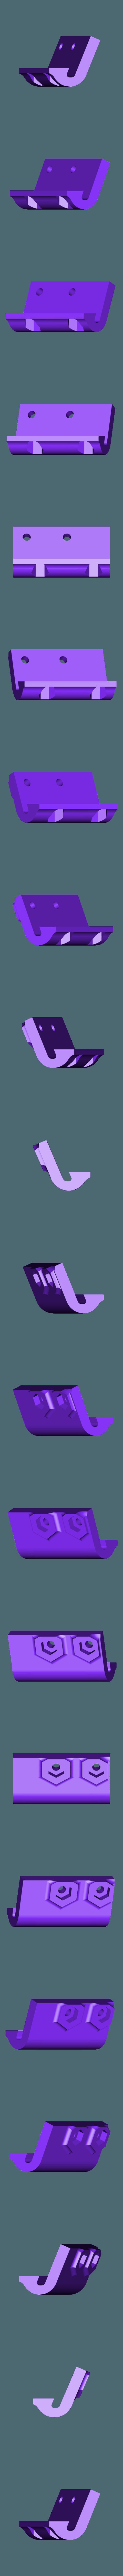 grip_mount_top.stl Télécharger fichier STL gratuit EPIC 6 stage coilgun • Objet pour impression 3D, Gyro